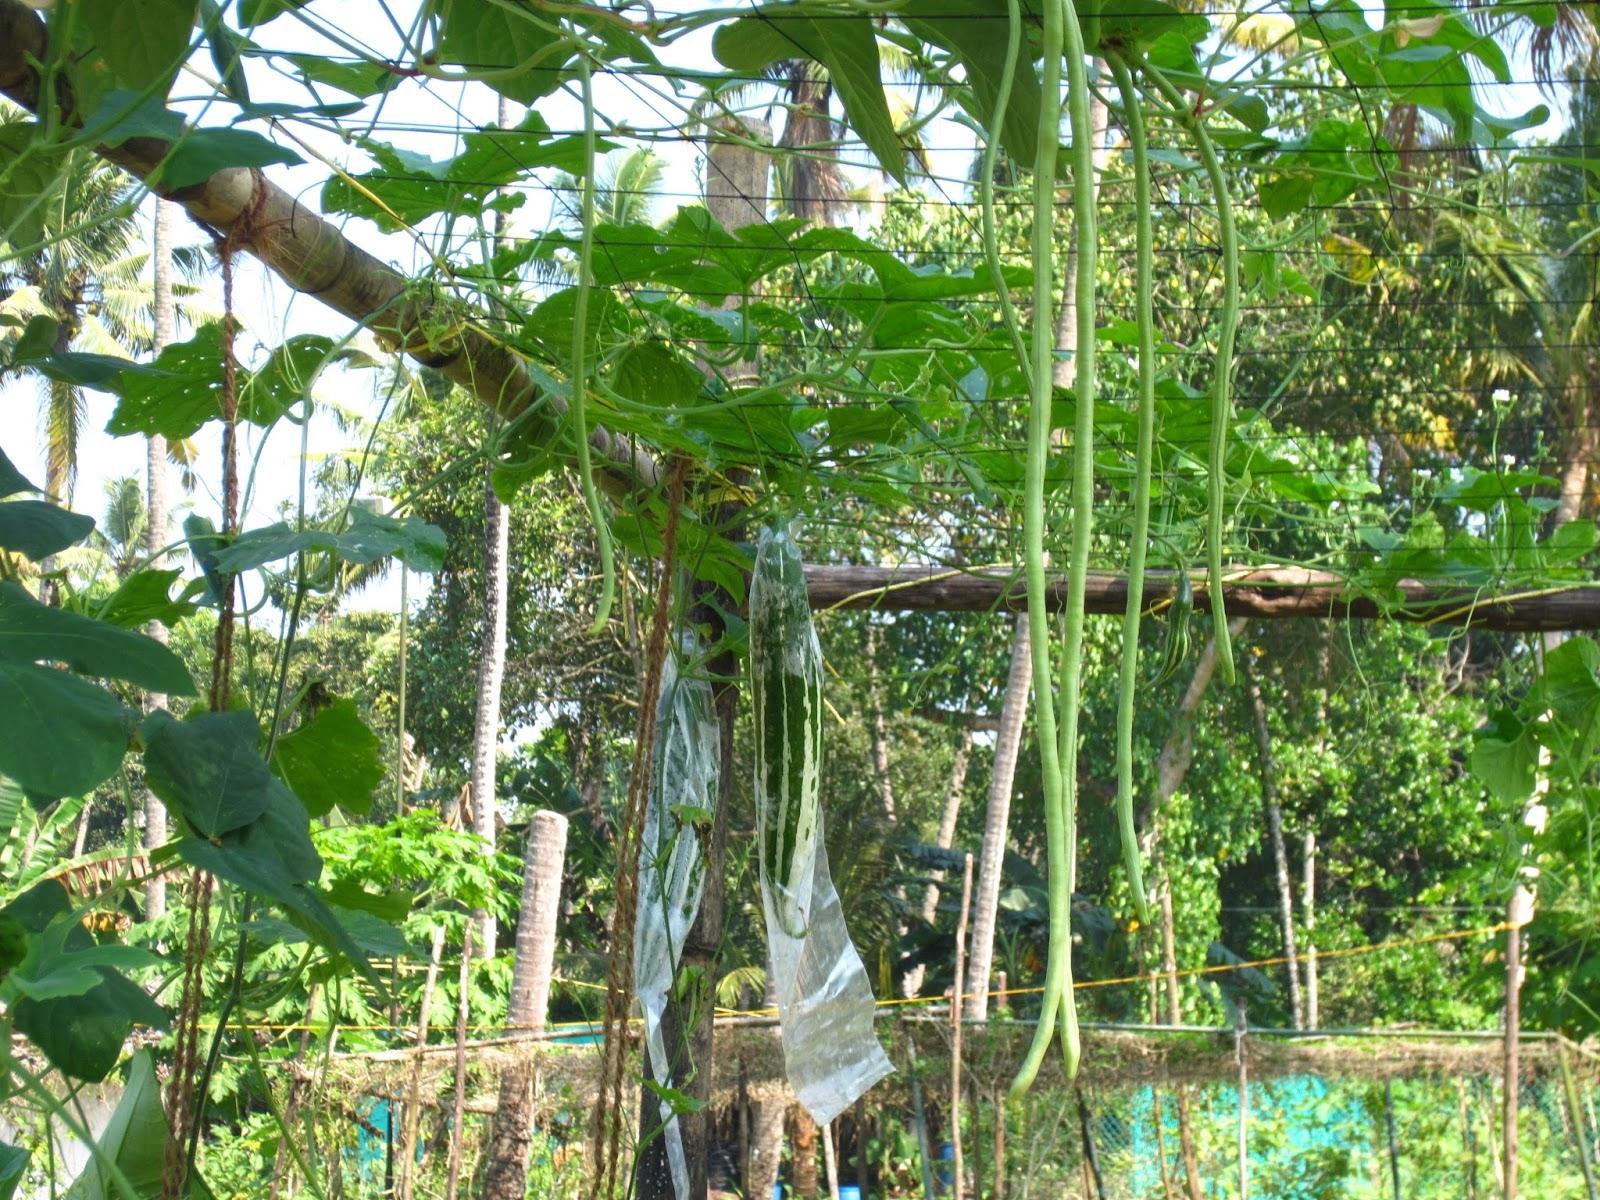 The Urban Gardener | Vegetable Garden At Marari Beach